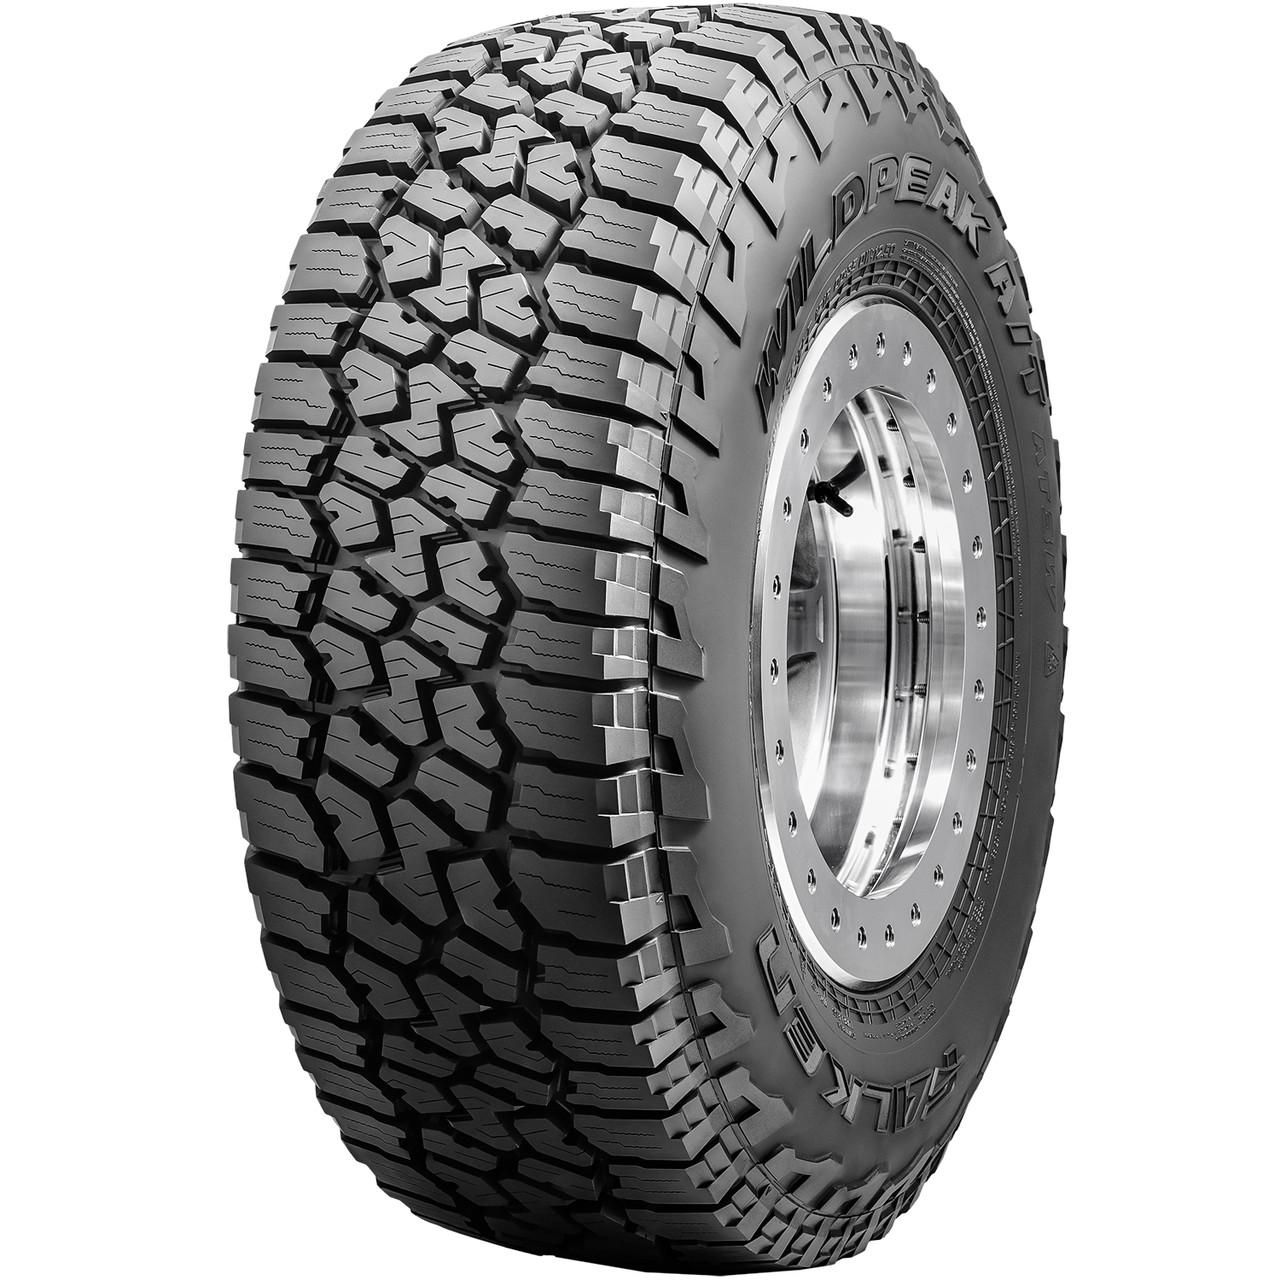 PriorityTire.com coupon: Falken Wildpeak A/T3W 285/55R20 E (10 Ply) All Terrain Tire